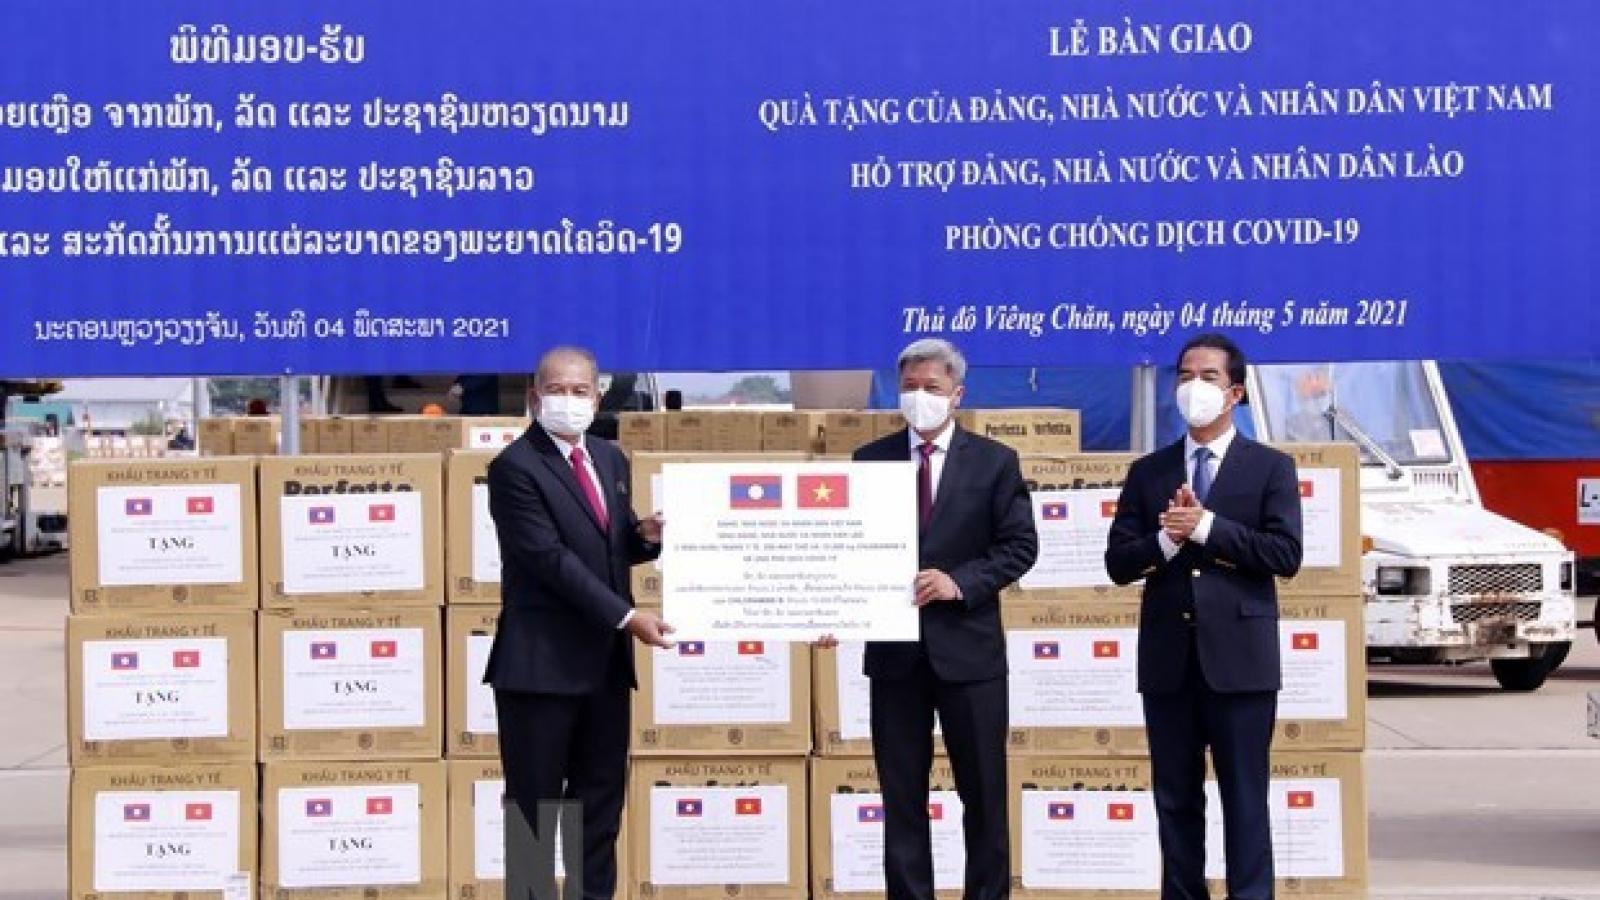 Vietnam provides medical supplies to assist Laos combat COVID-19